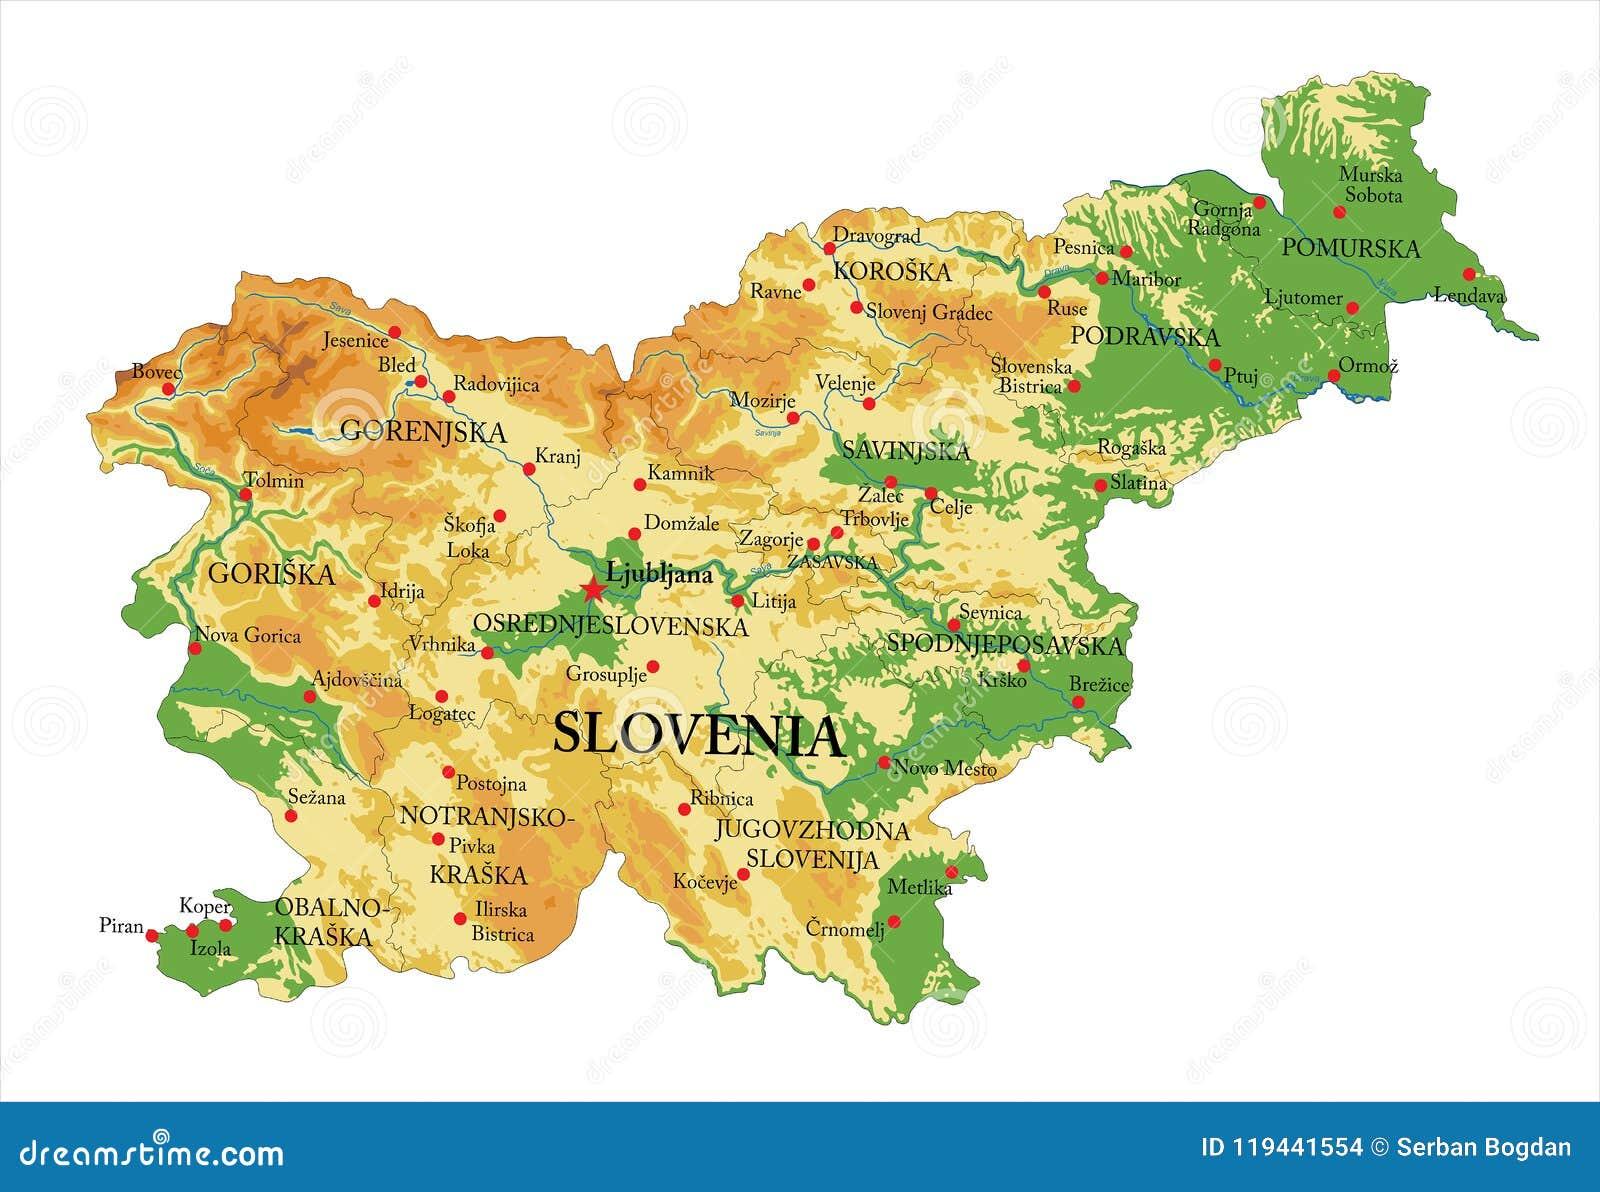 Cartina Della Slovenia E Croazia.Mappa Di Fisico Medica Della Slovenia Illustrazione Vettoriale Illustrazione Di Citta Cartografia 119441554